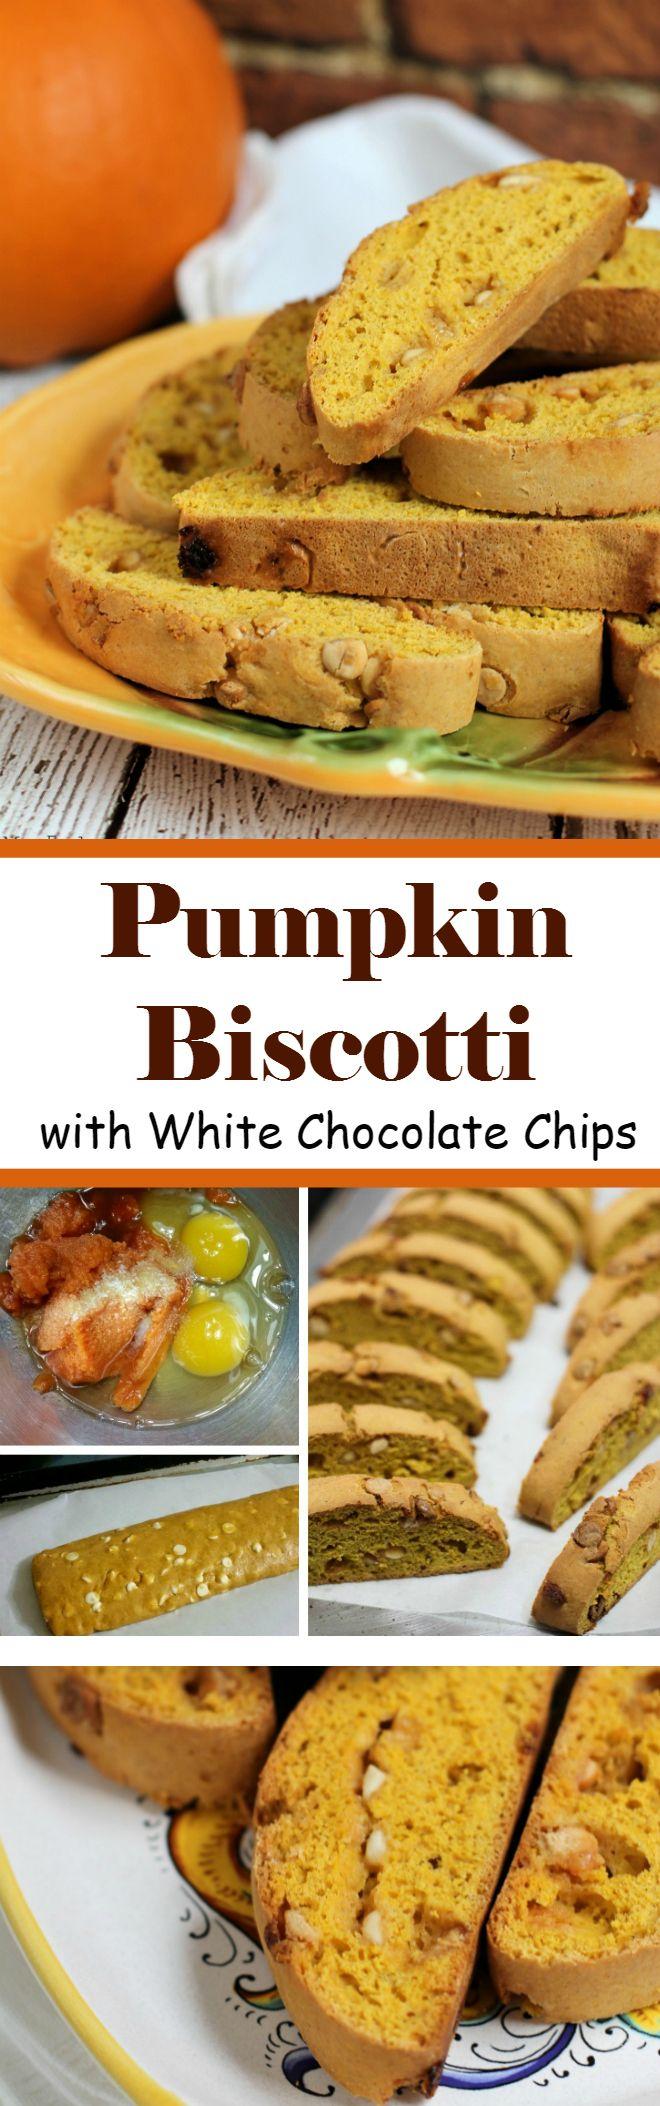 17 Best ideas about Pumpkin Biscotti on Pinterest ...